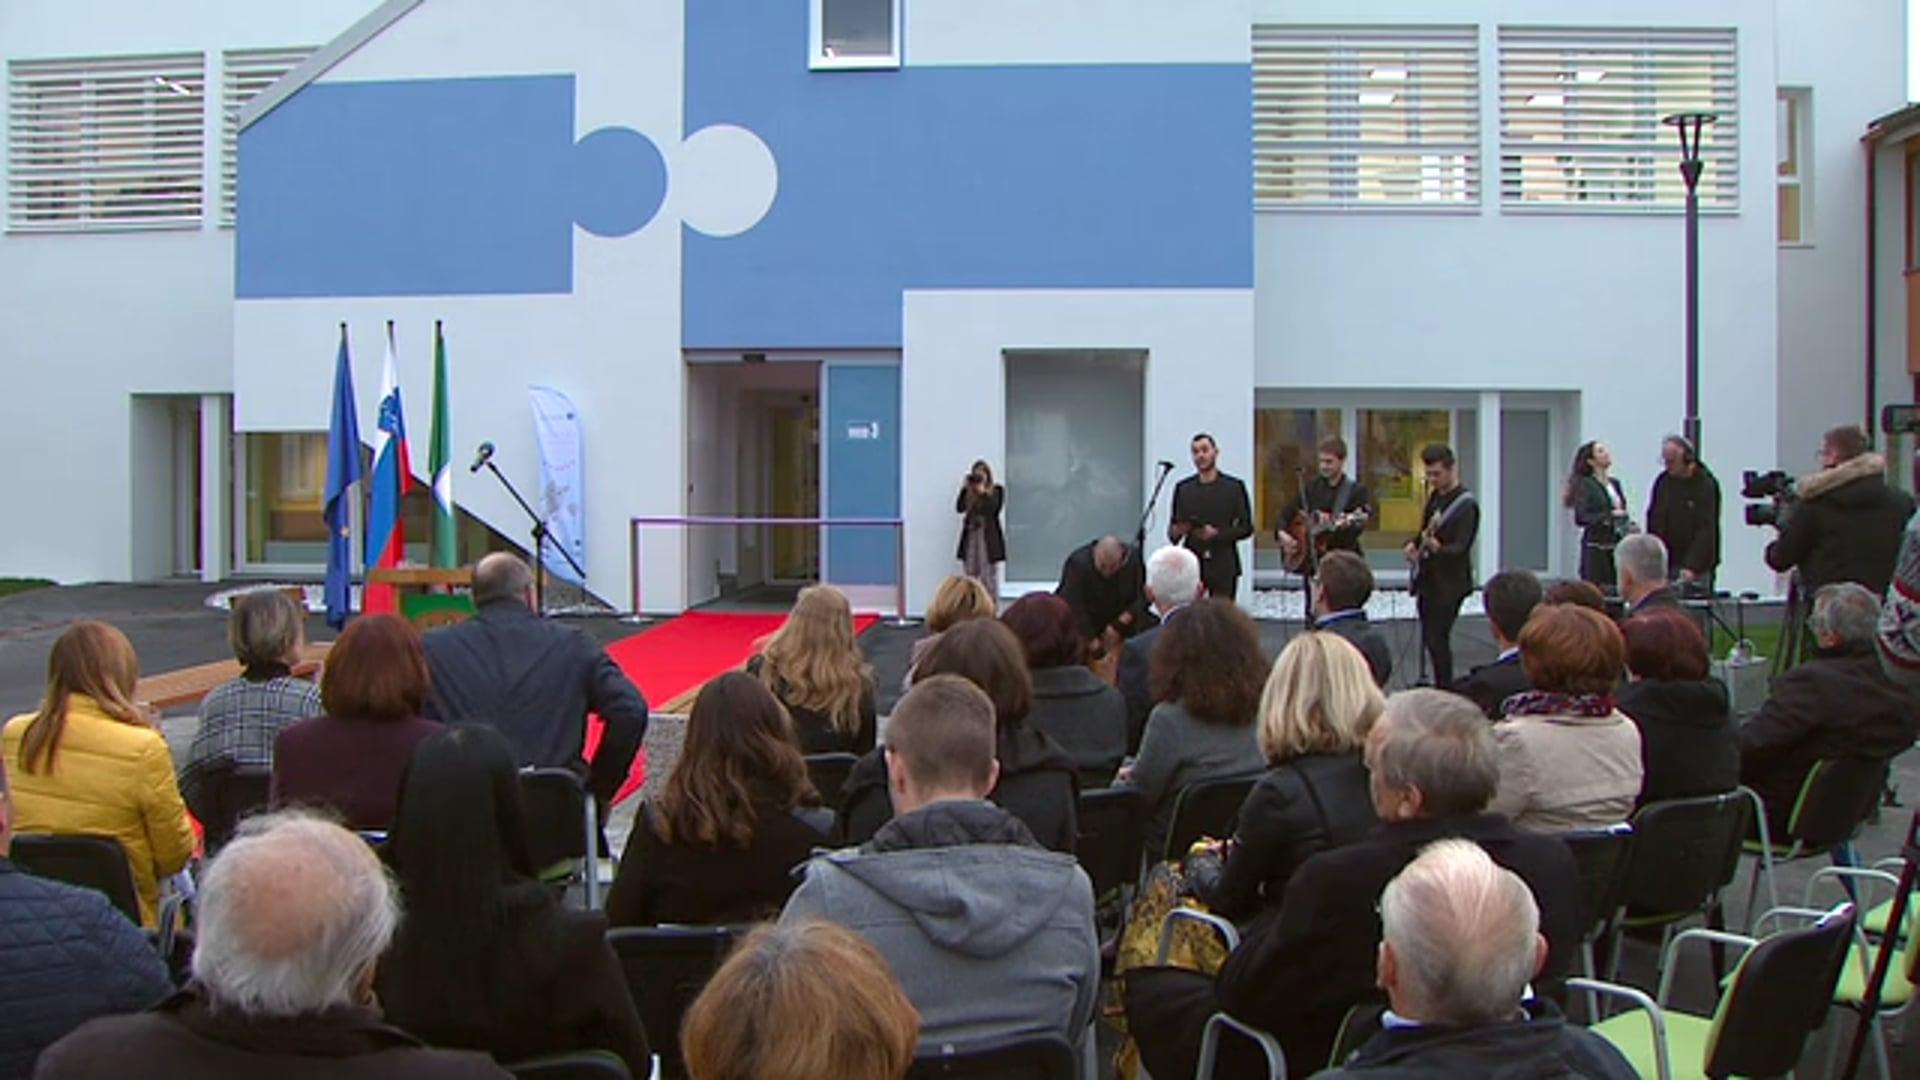 V Lenartu odprli Center za krepitev zdravja